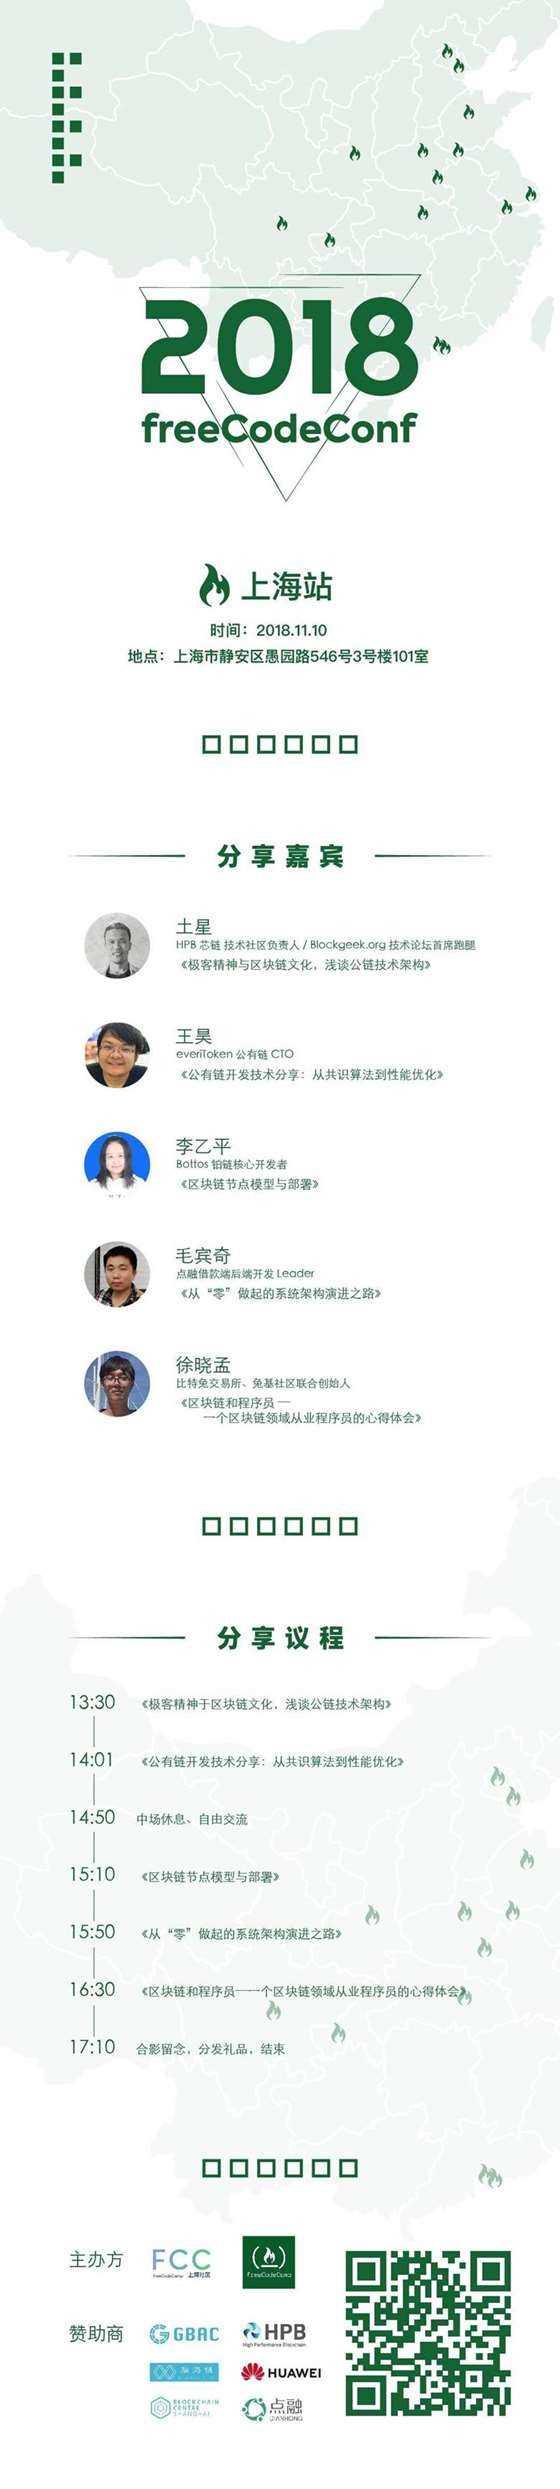 朋友圈海报改-01.jpg